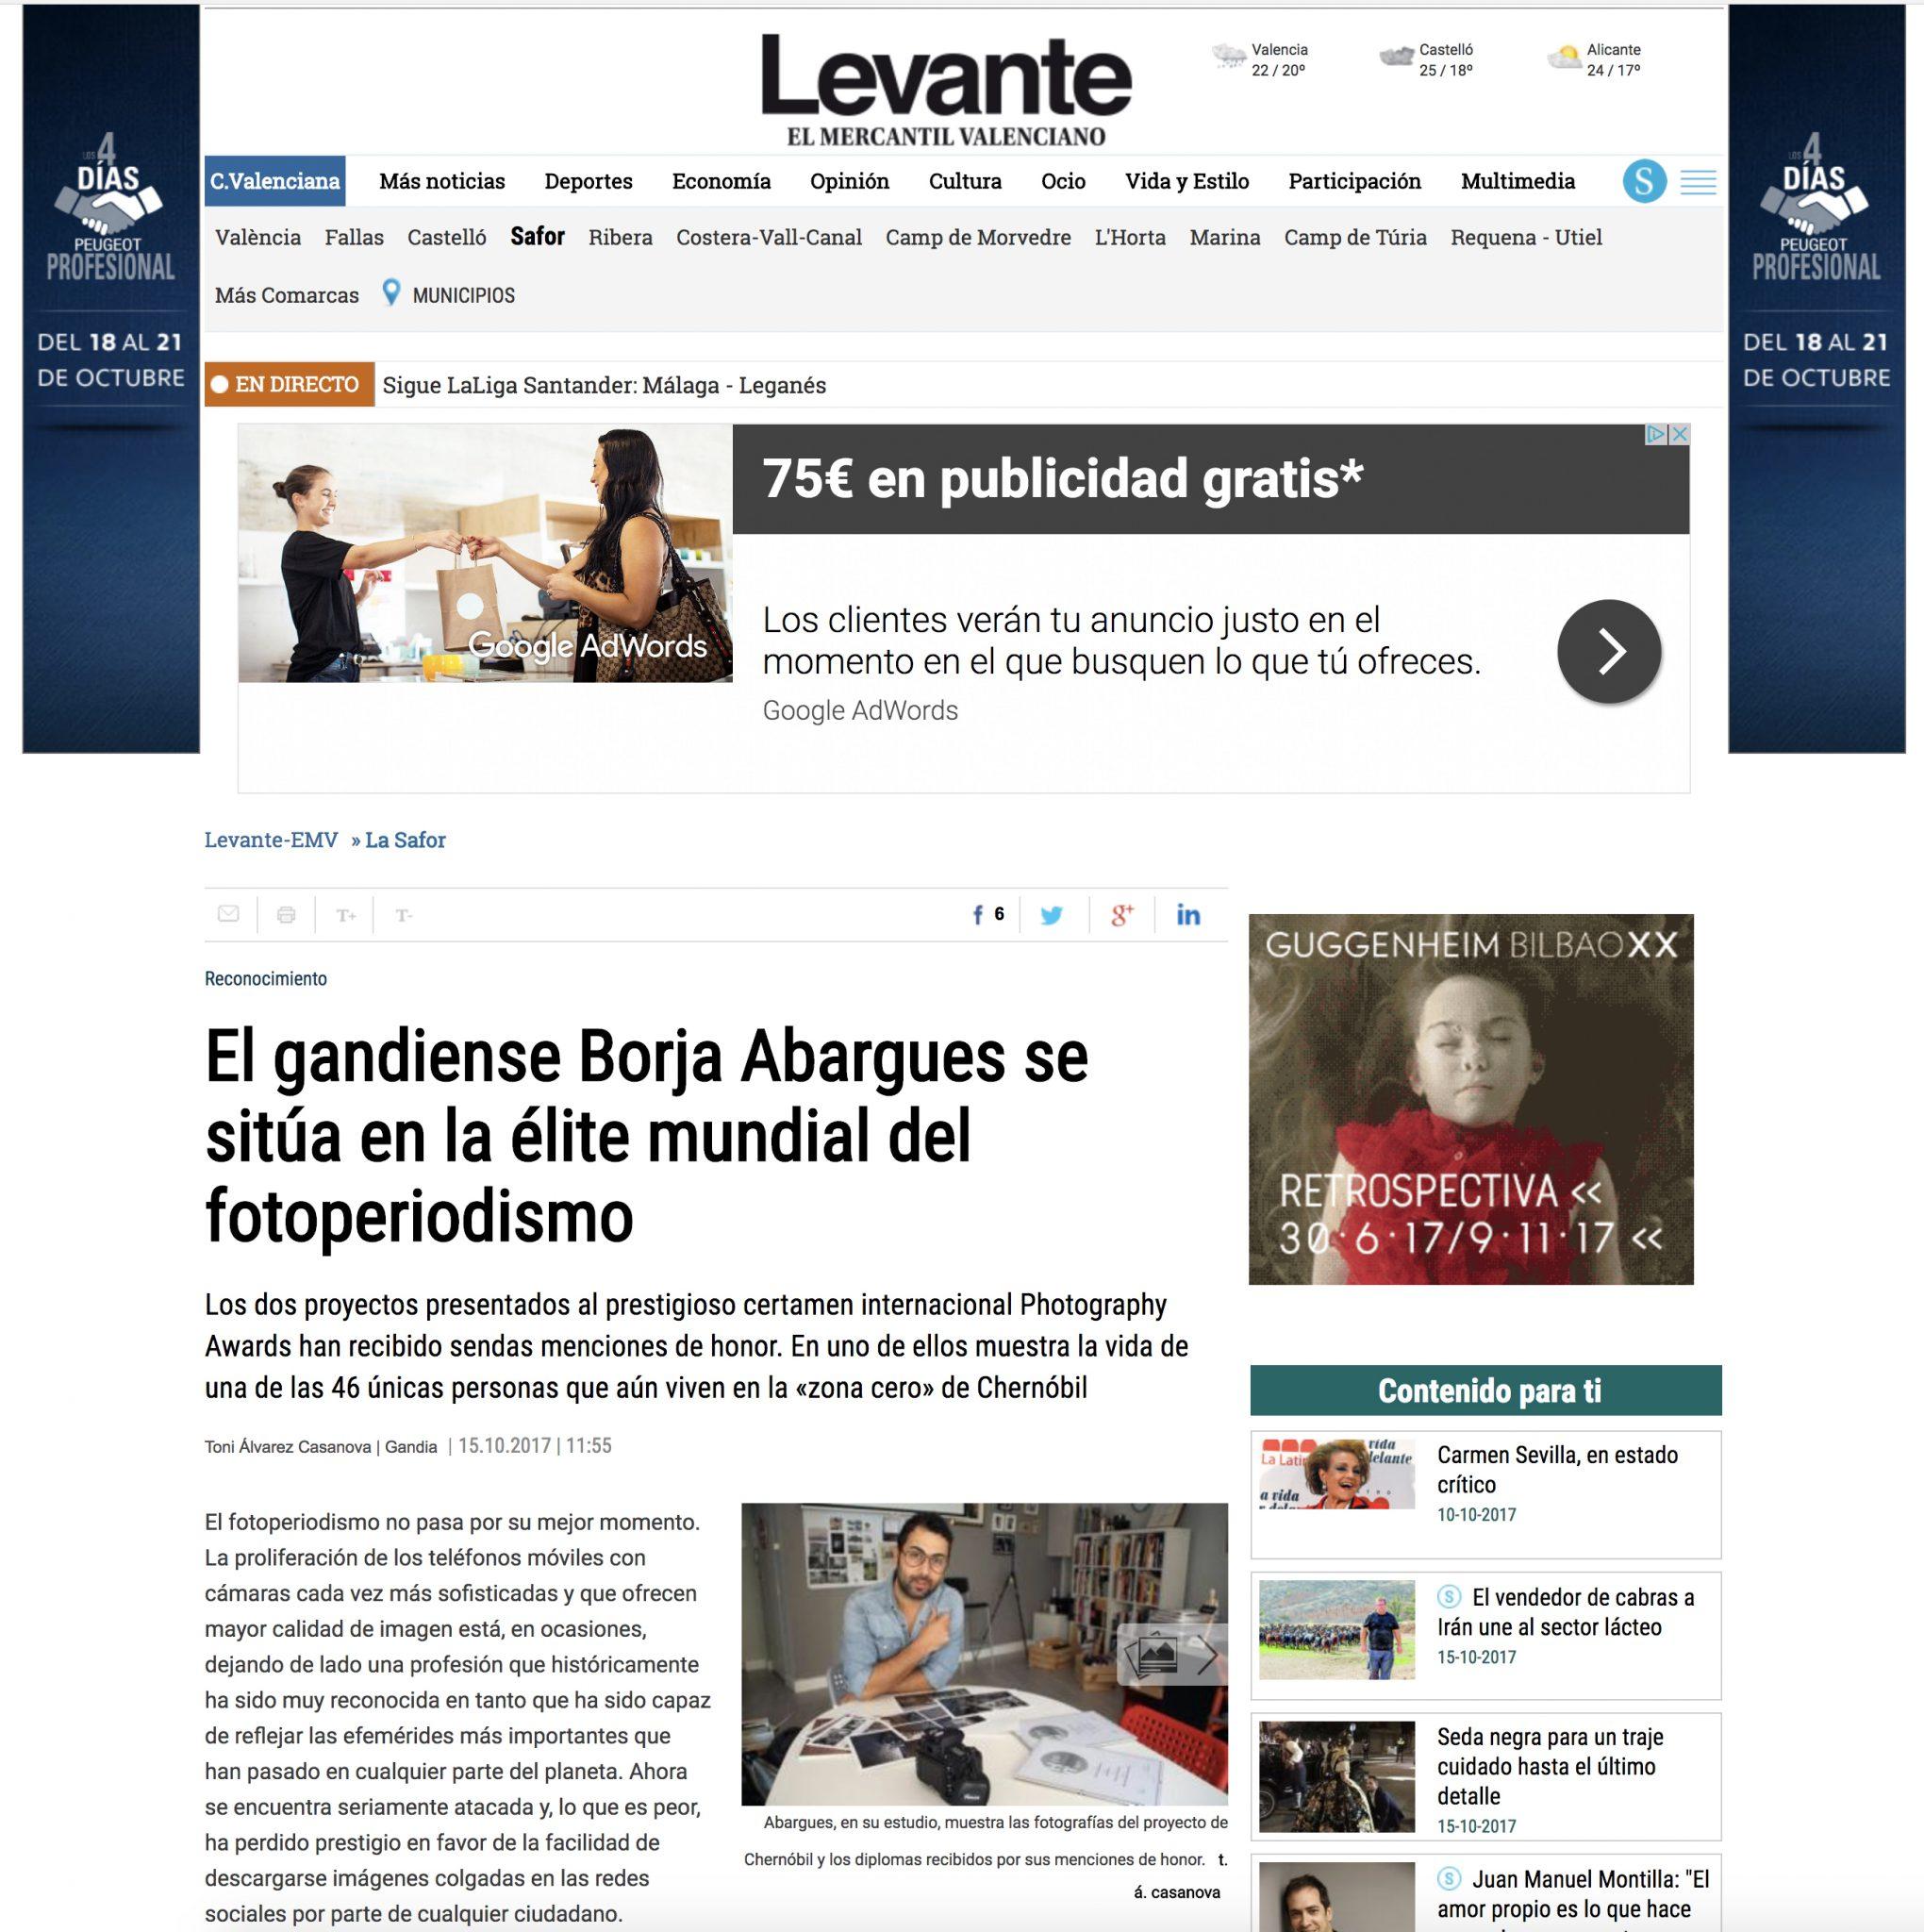 LEVANTE EMV 15-10-2017